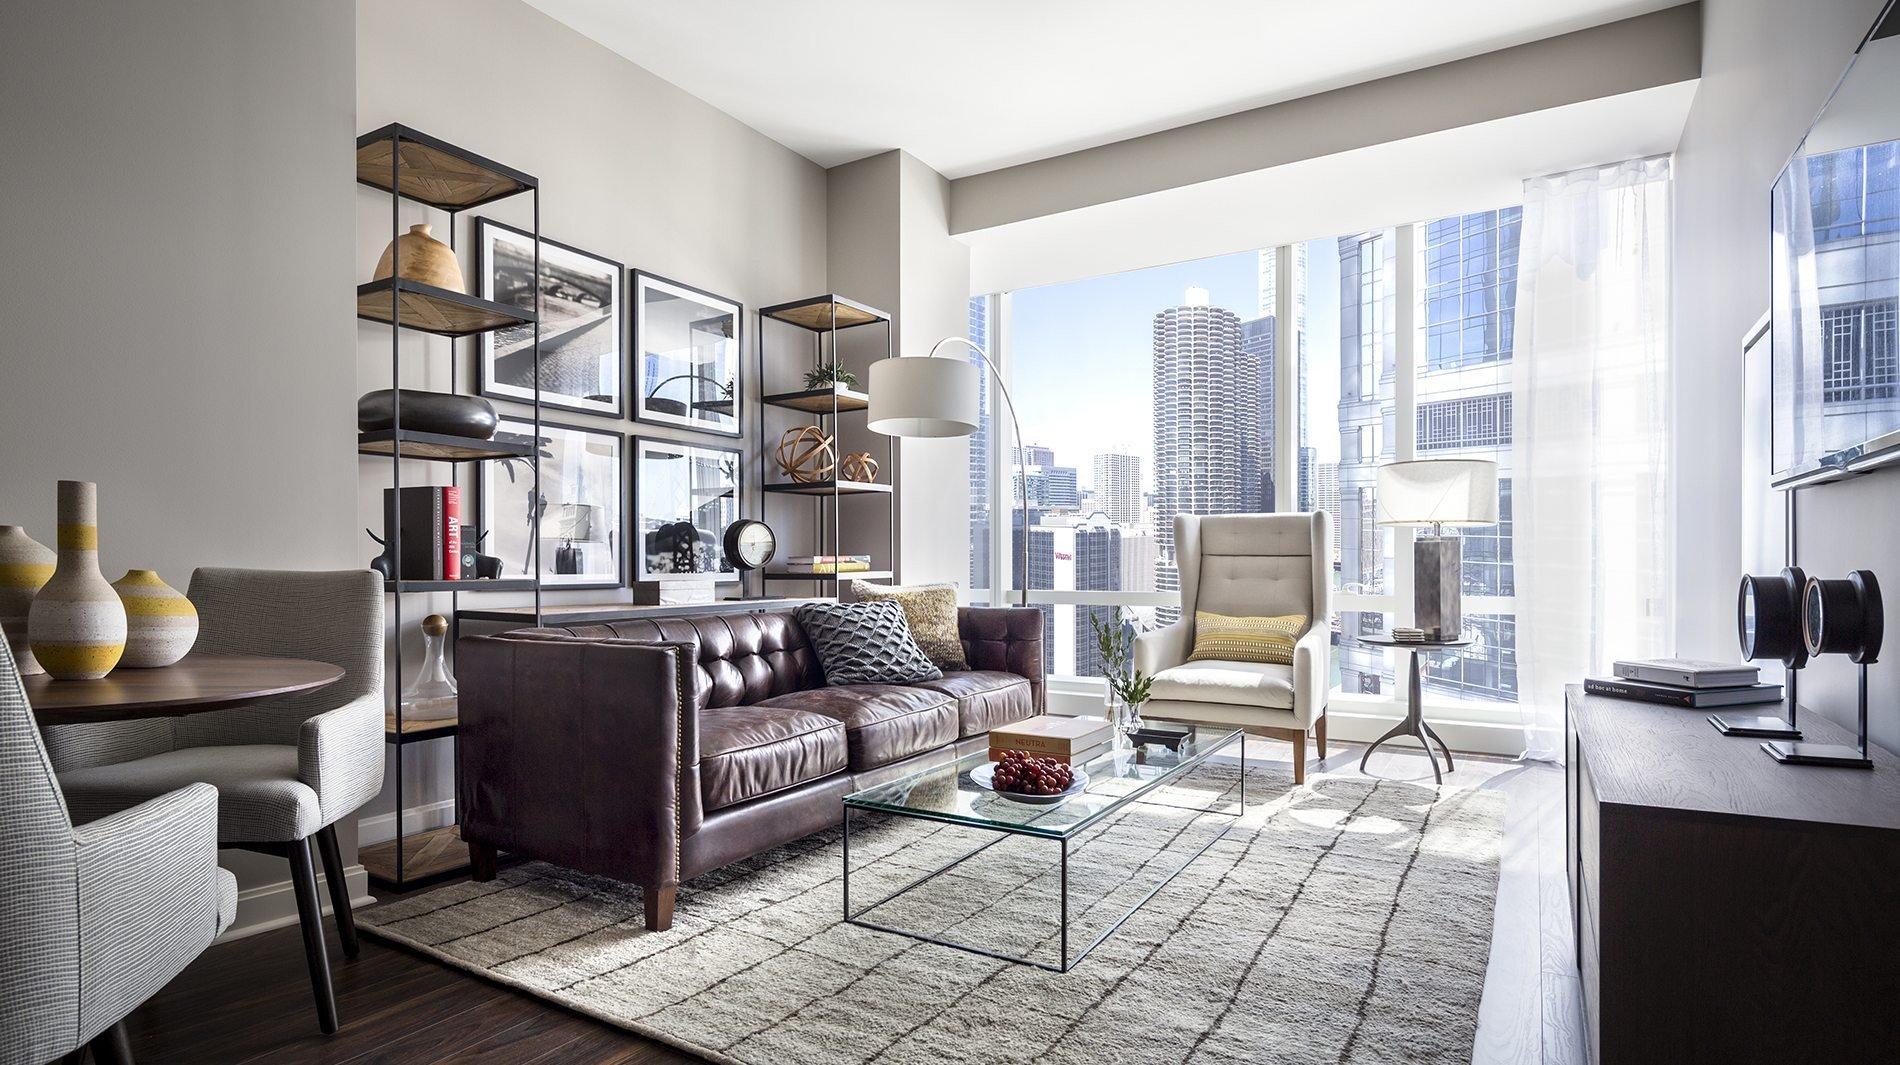 Apartment Living Room Decorating 3 Apartment Living Room Decorating Ideas Luxury Living